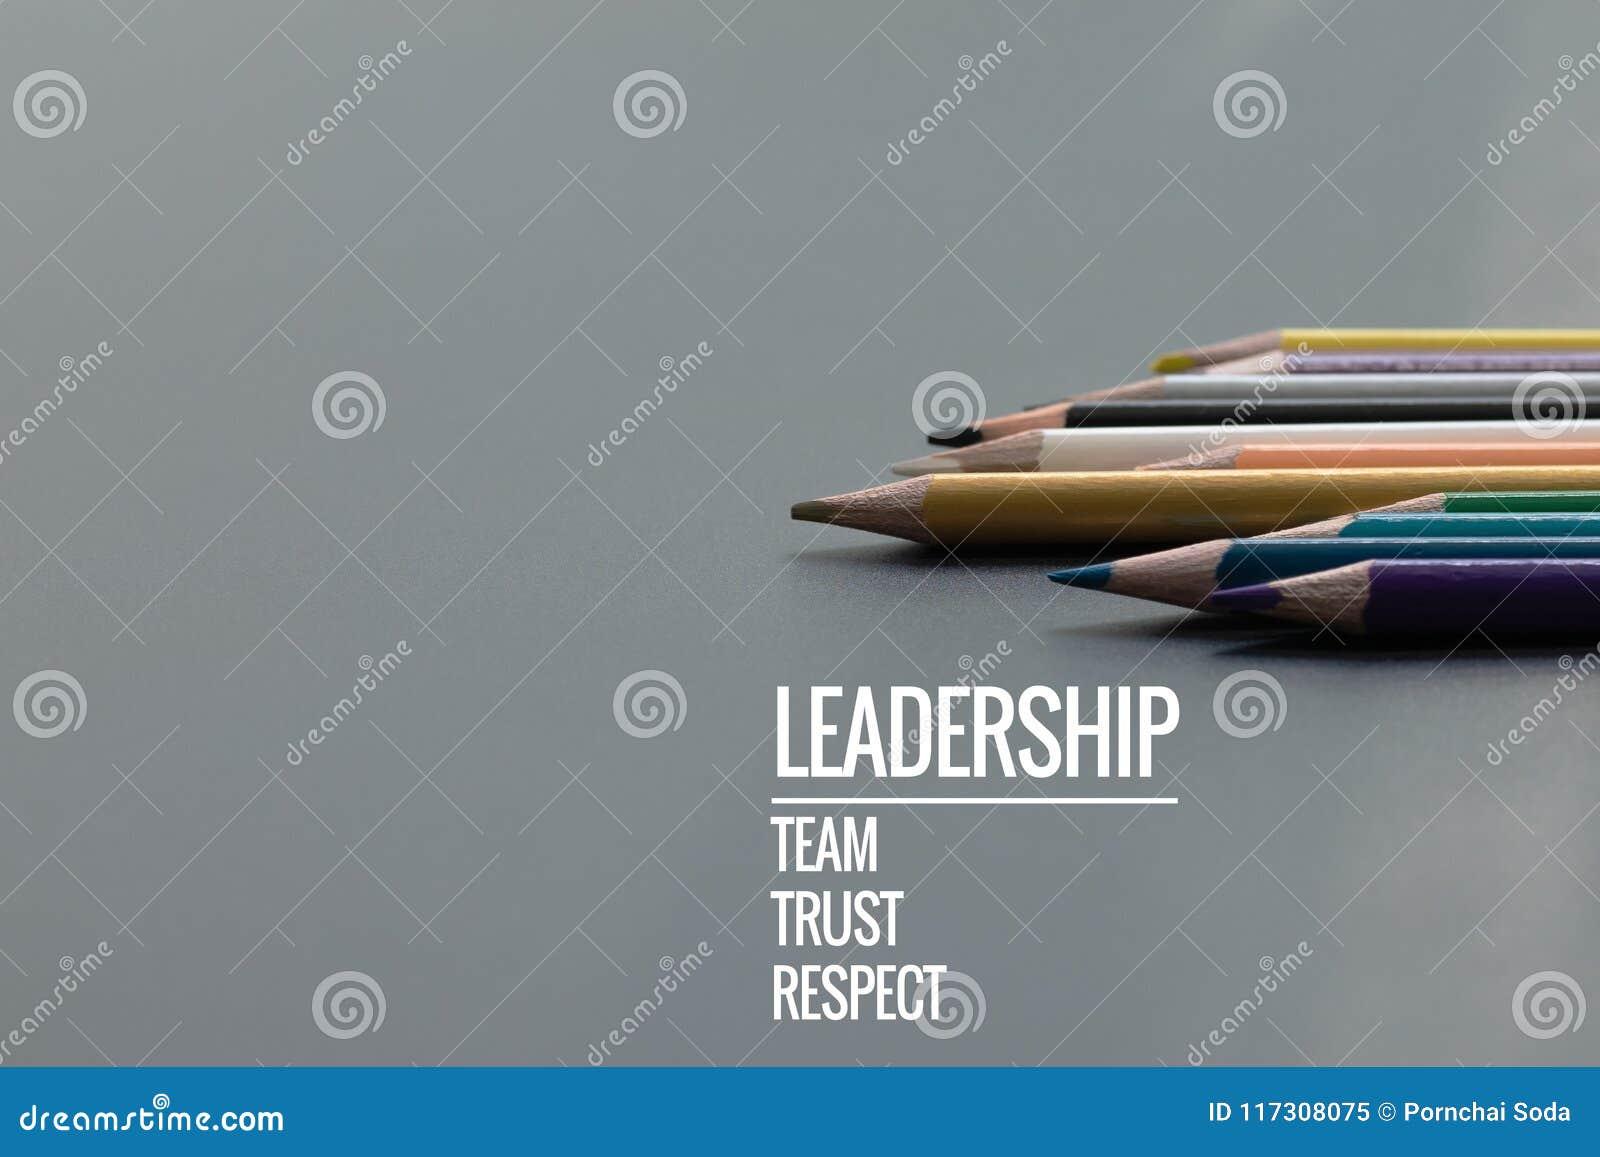 Концепция дела руководства Руководство карандаша цвета золота другой цвет с руководством, командой, доверием и уважением слова на